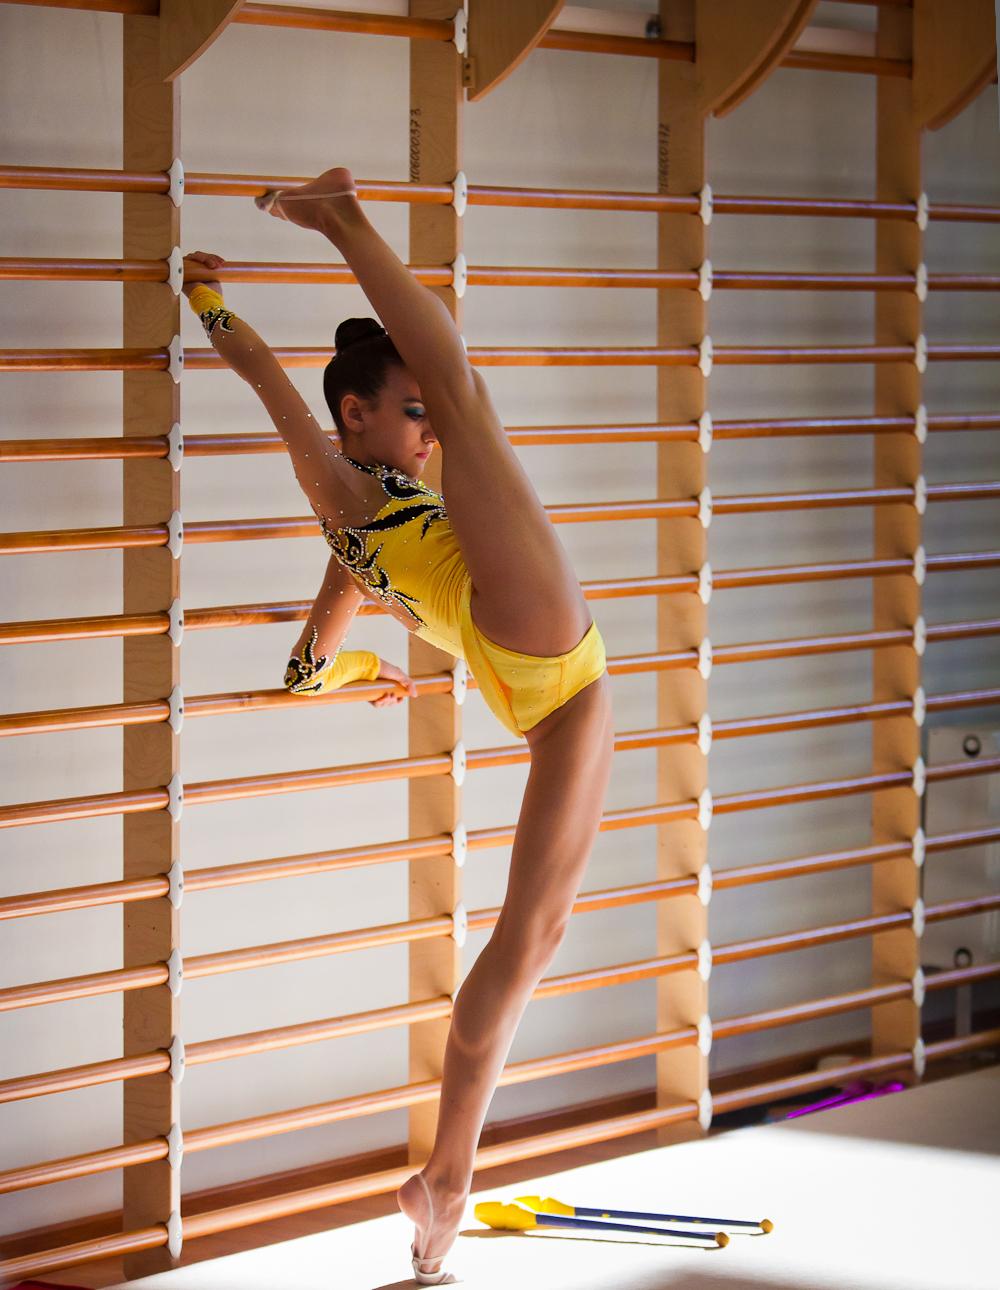 Юные модели юные гимнастки 29 фотография